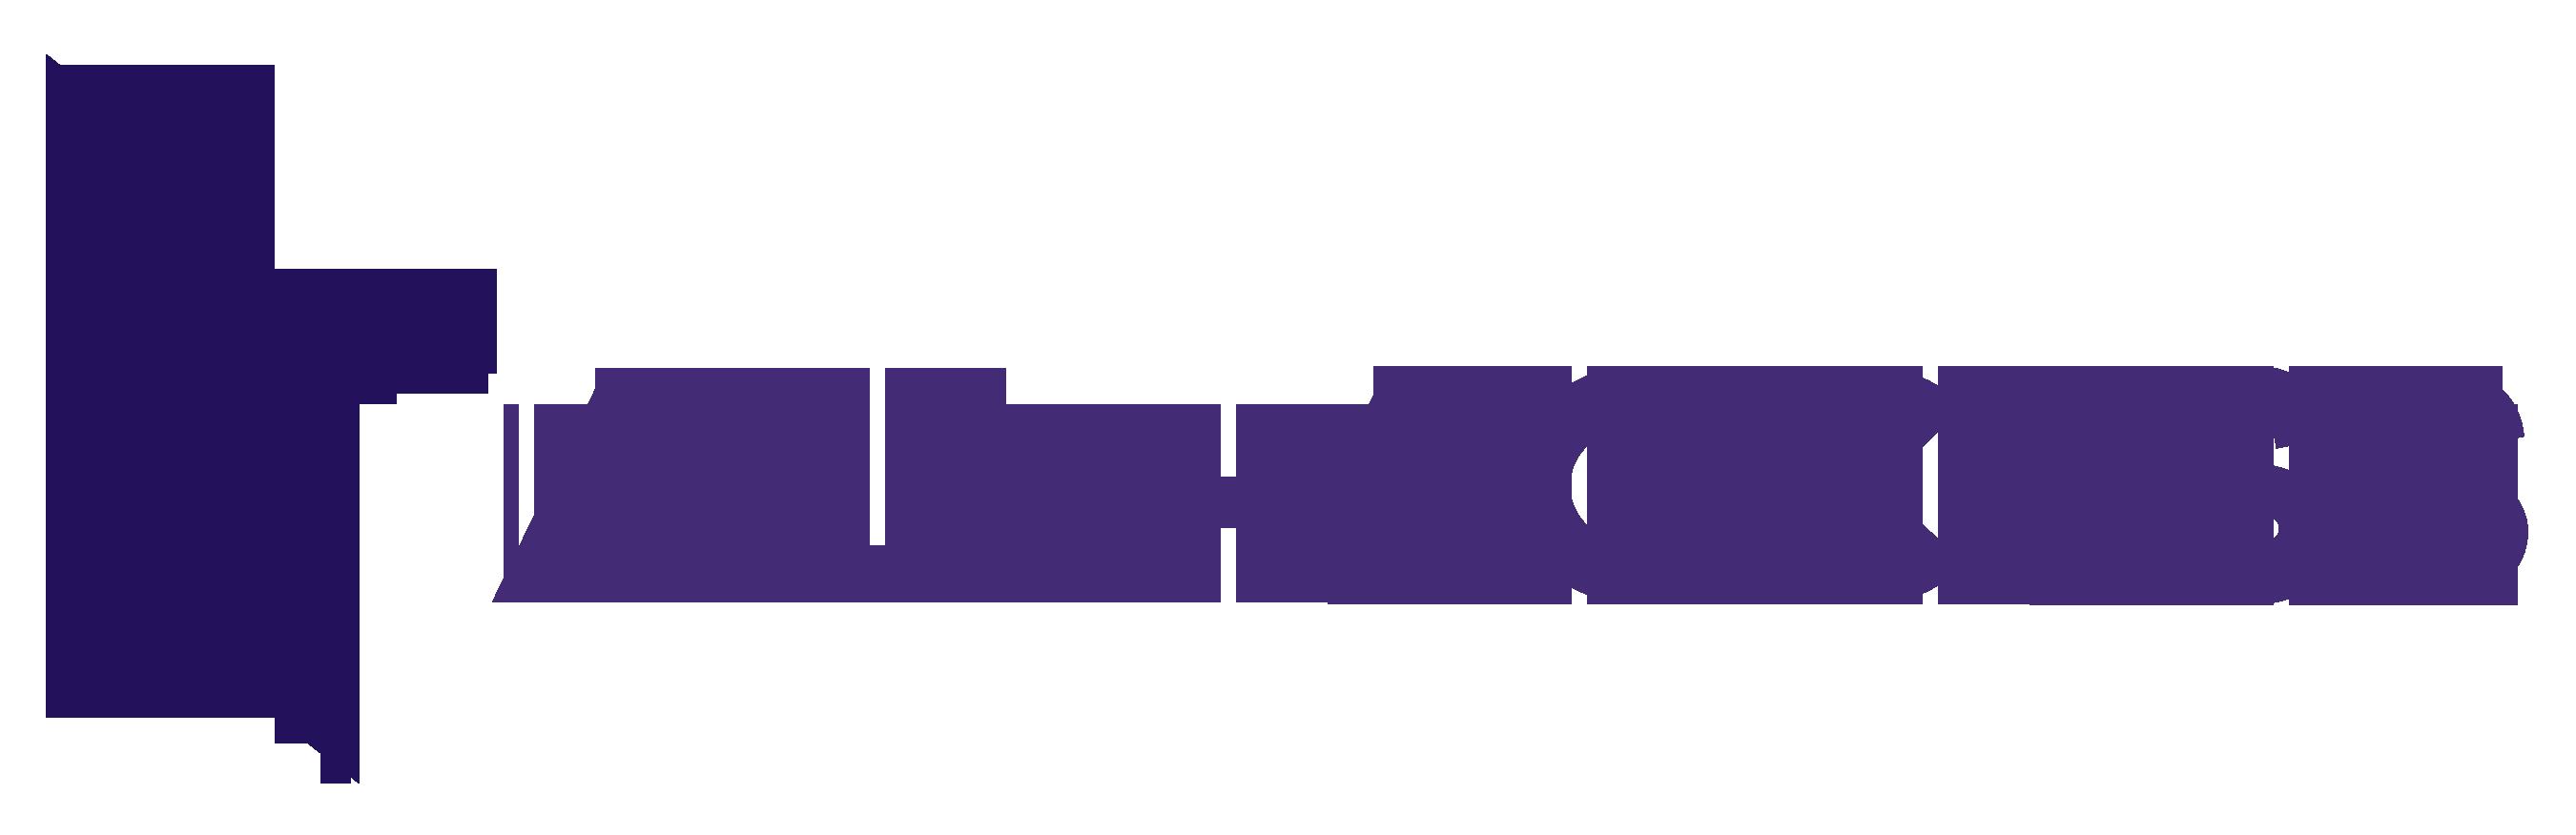 ltallaccess